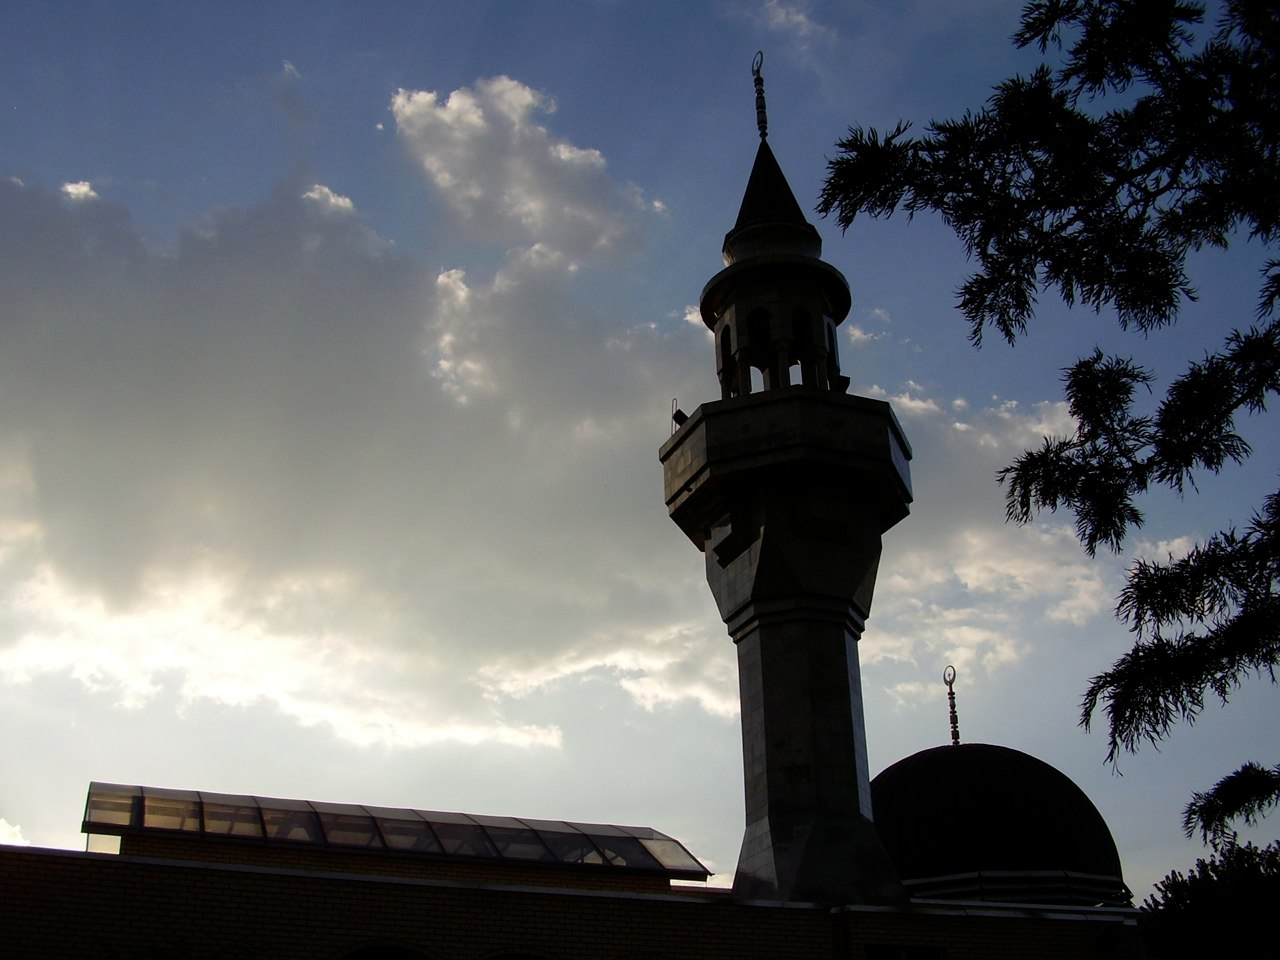 Minaret and dome